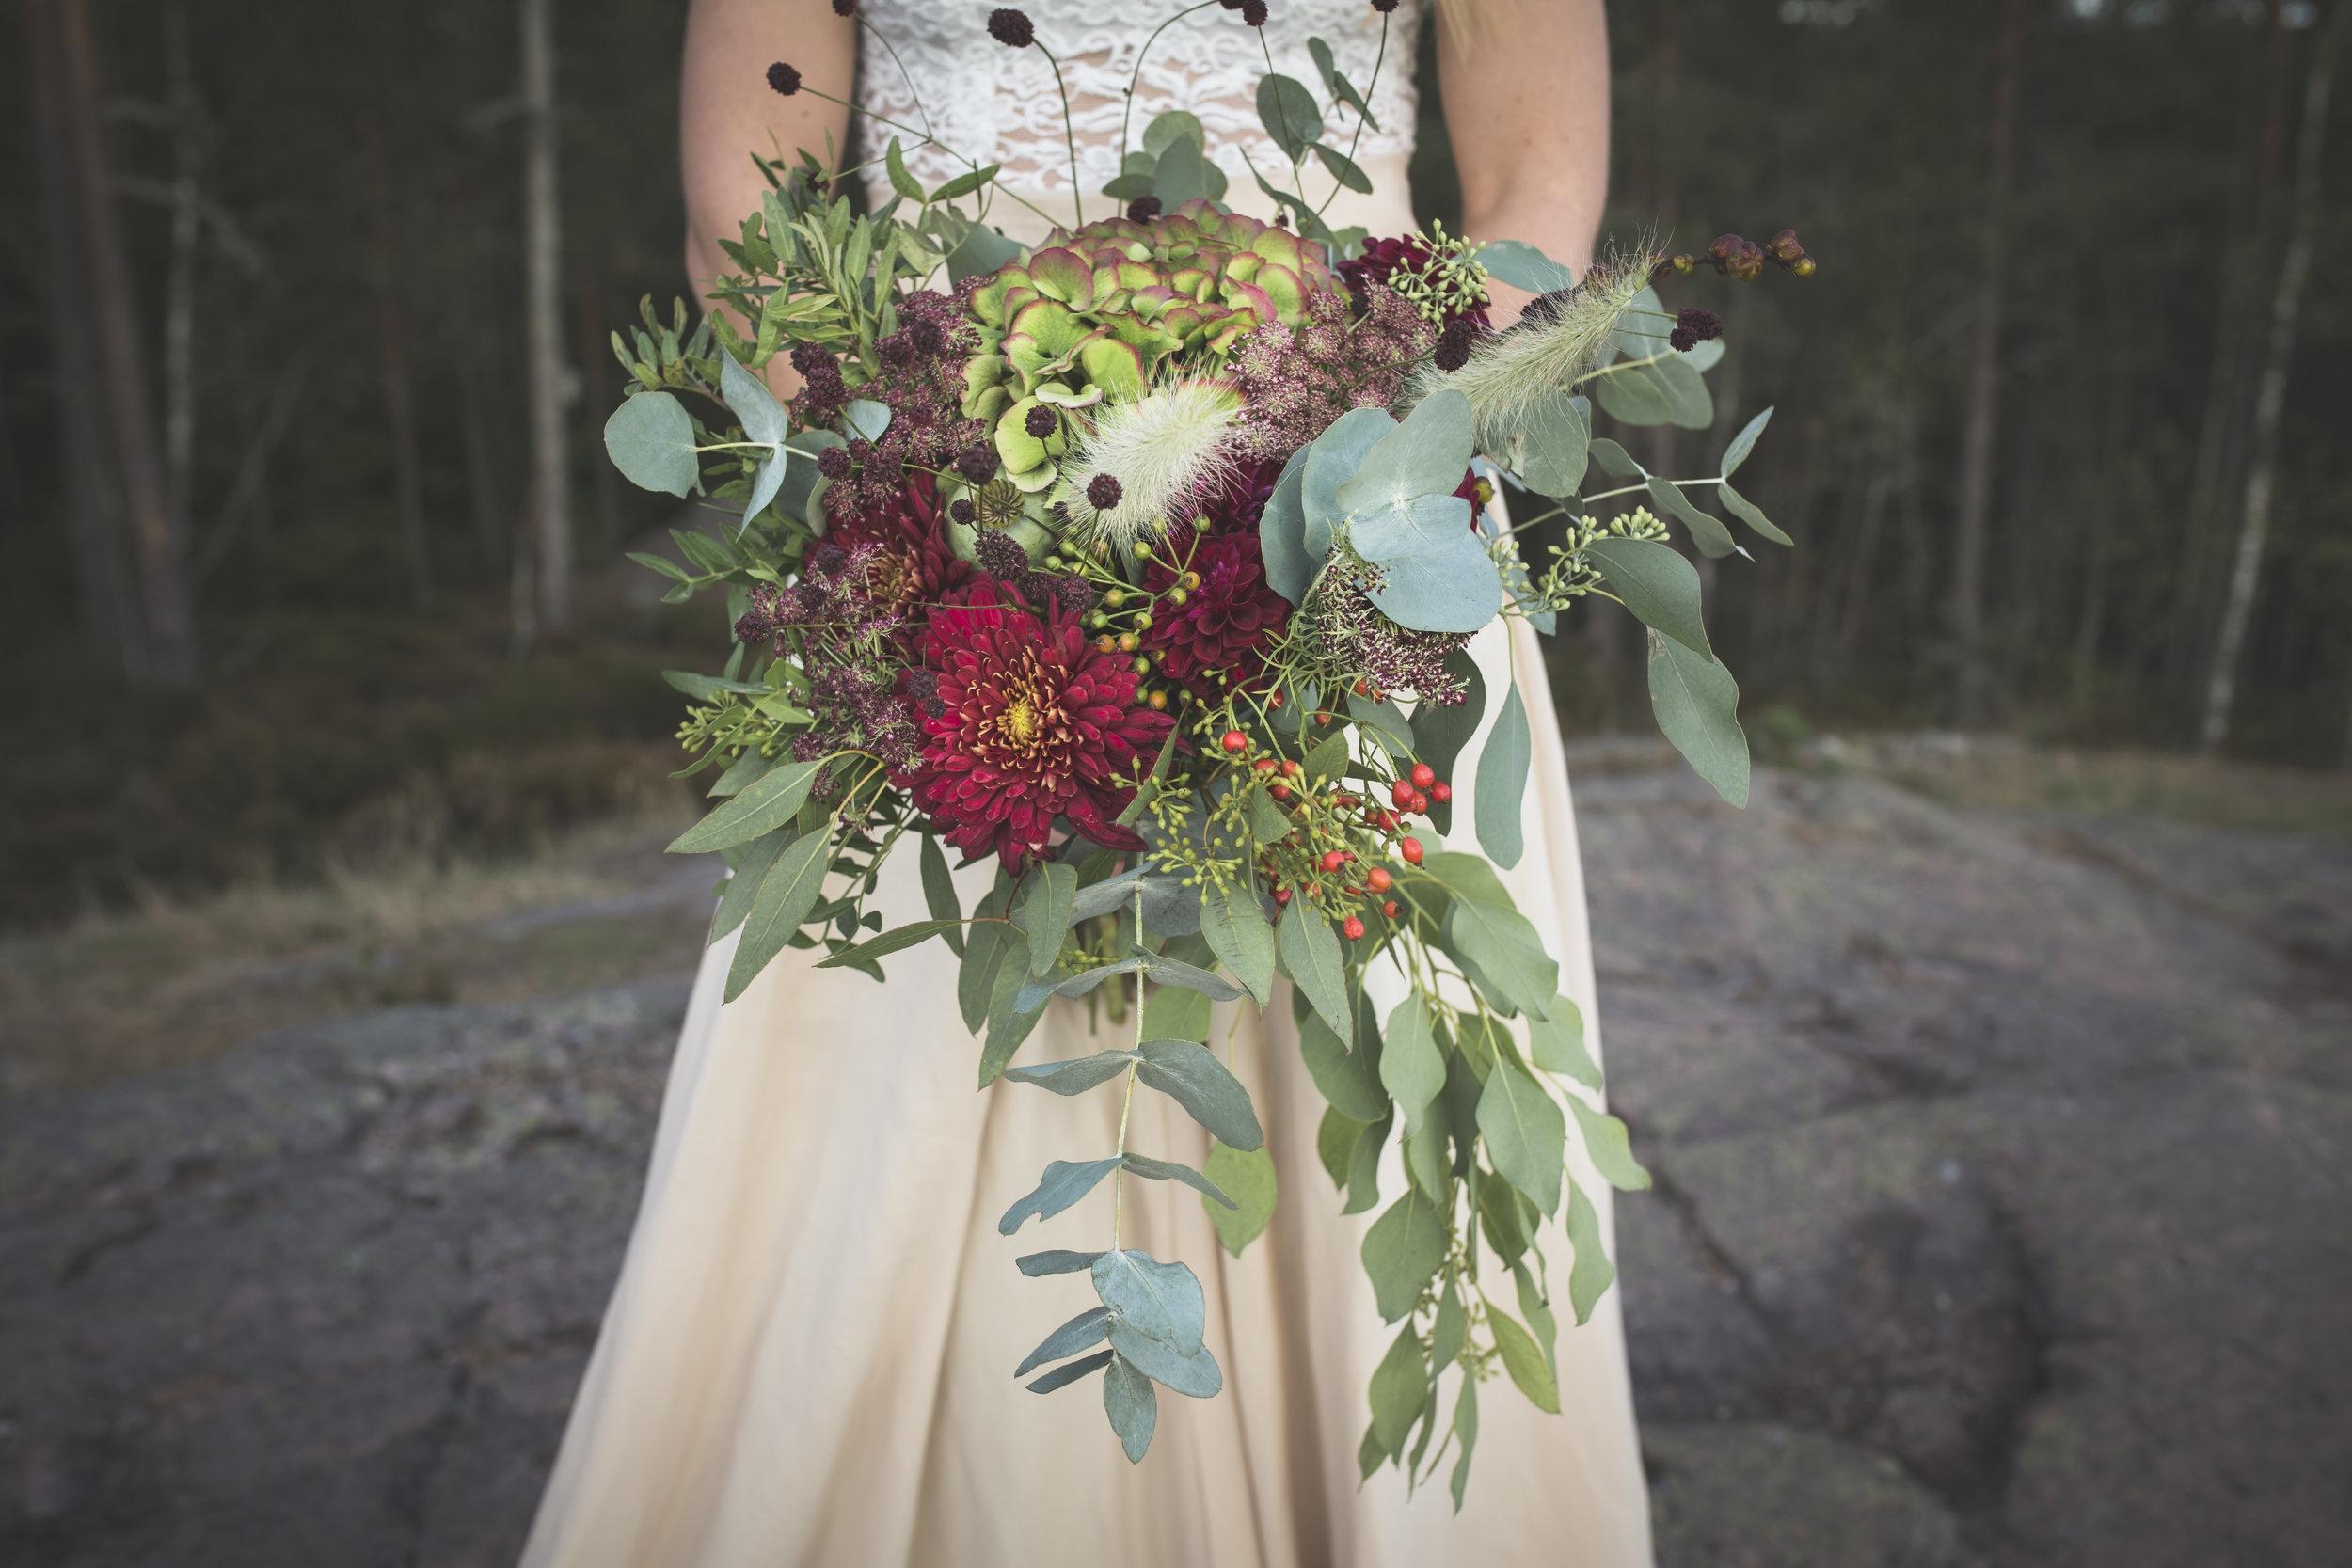 Bröllopsbukett skogen.jpg